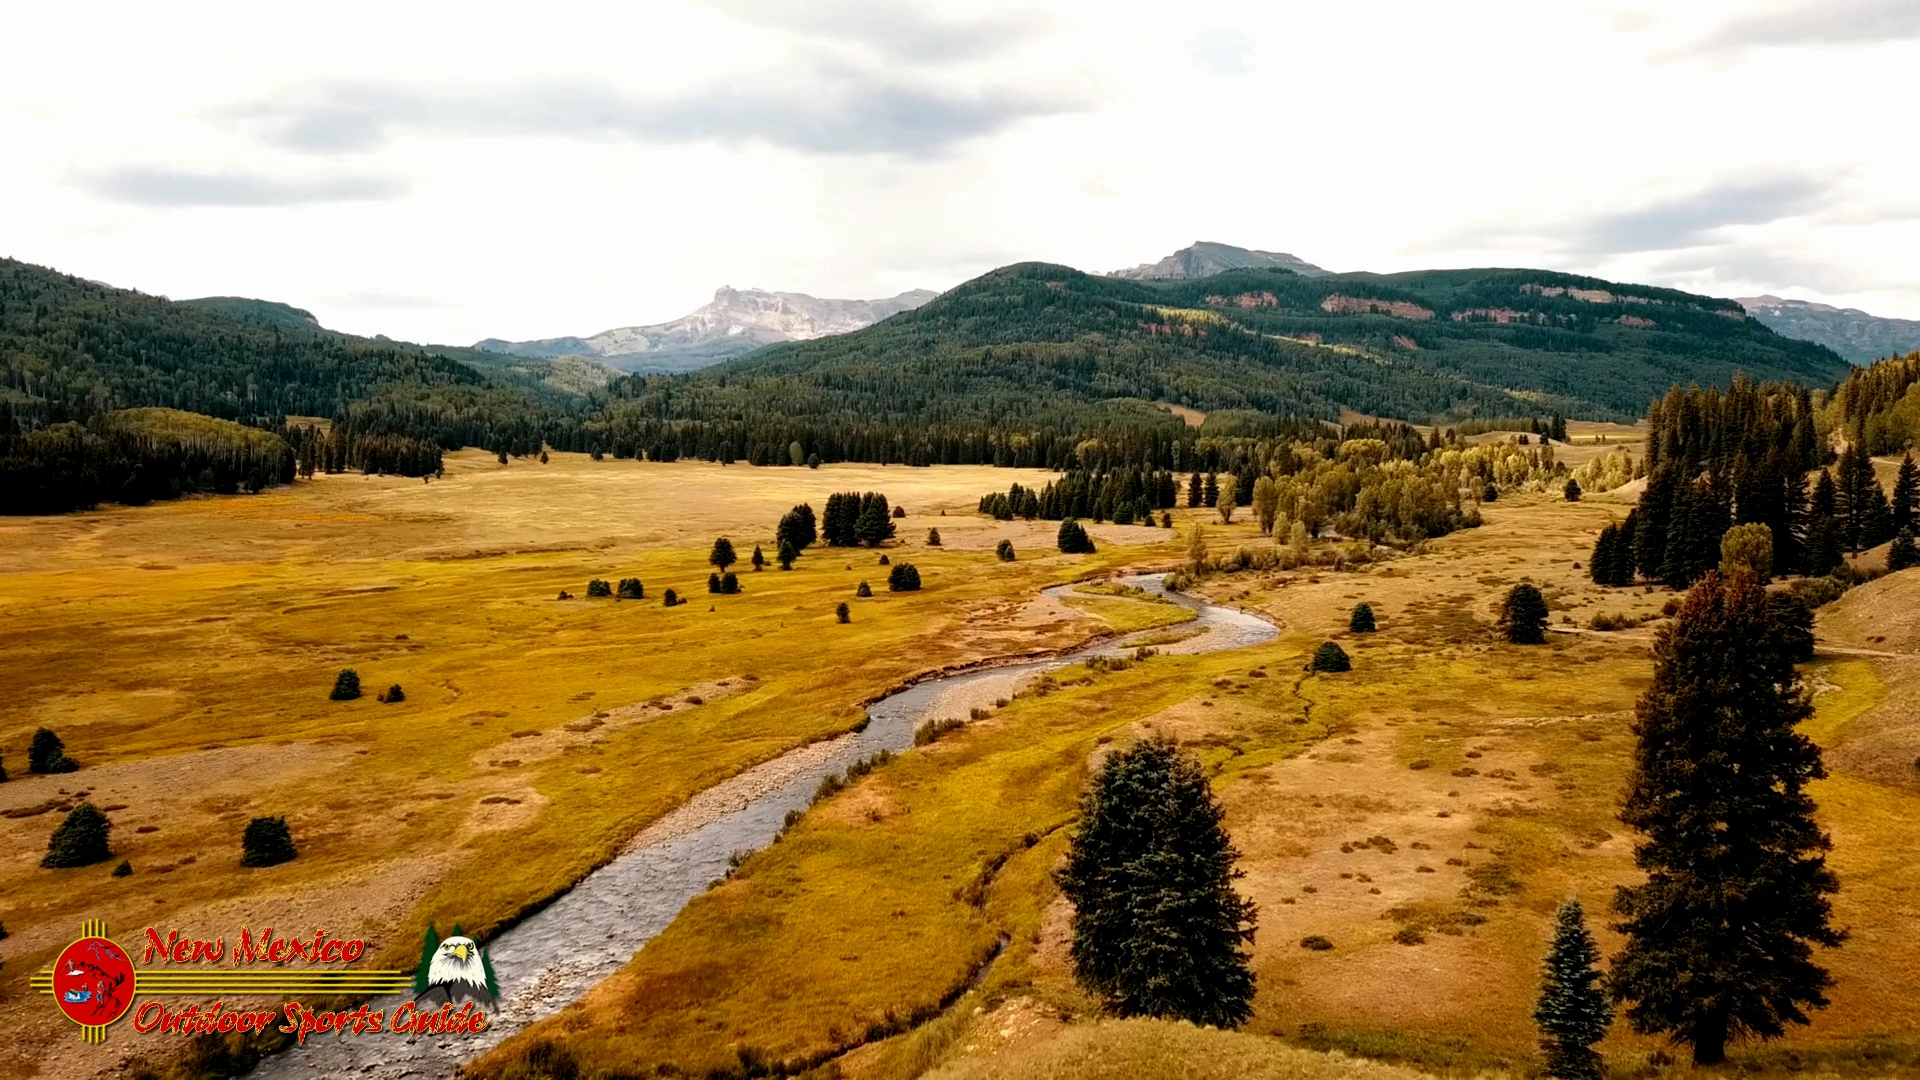 Chama-River-Rancho-Del-Oso-Pardo-Private-Water-Mavic-Pro-07-15-2020